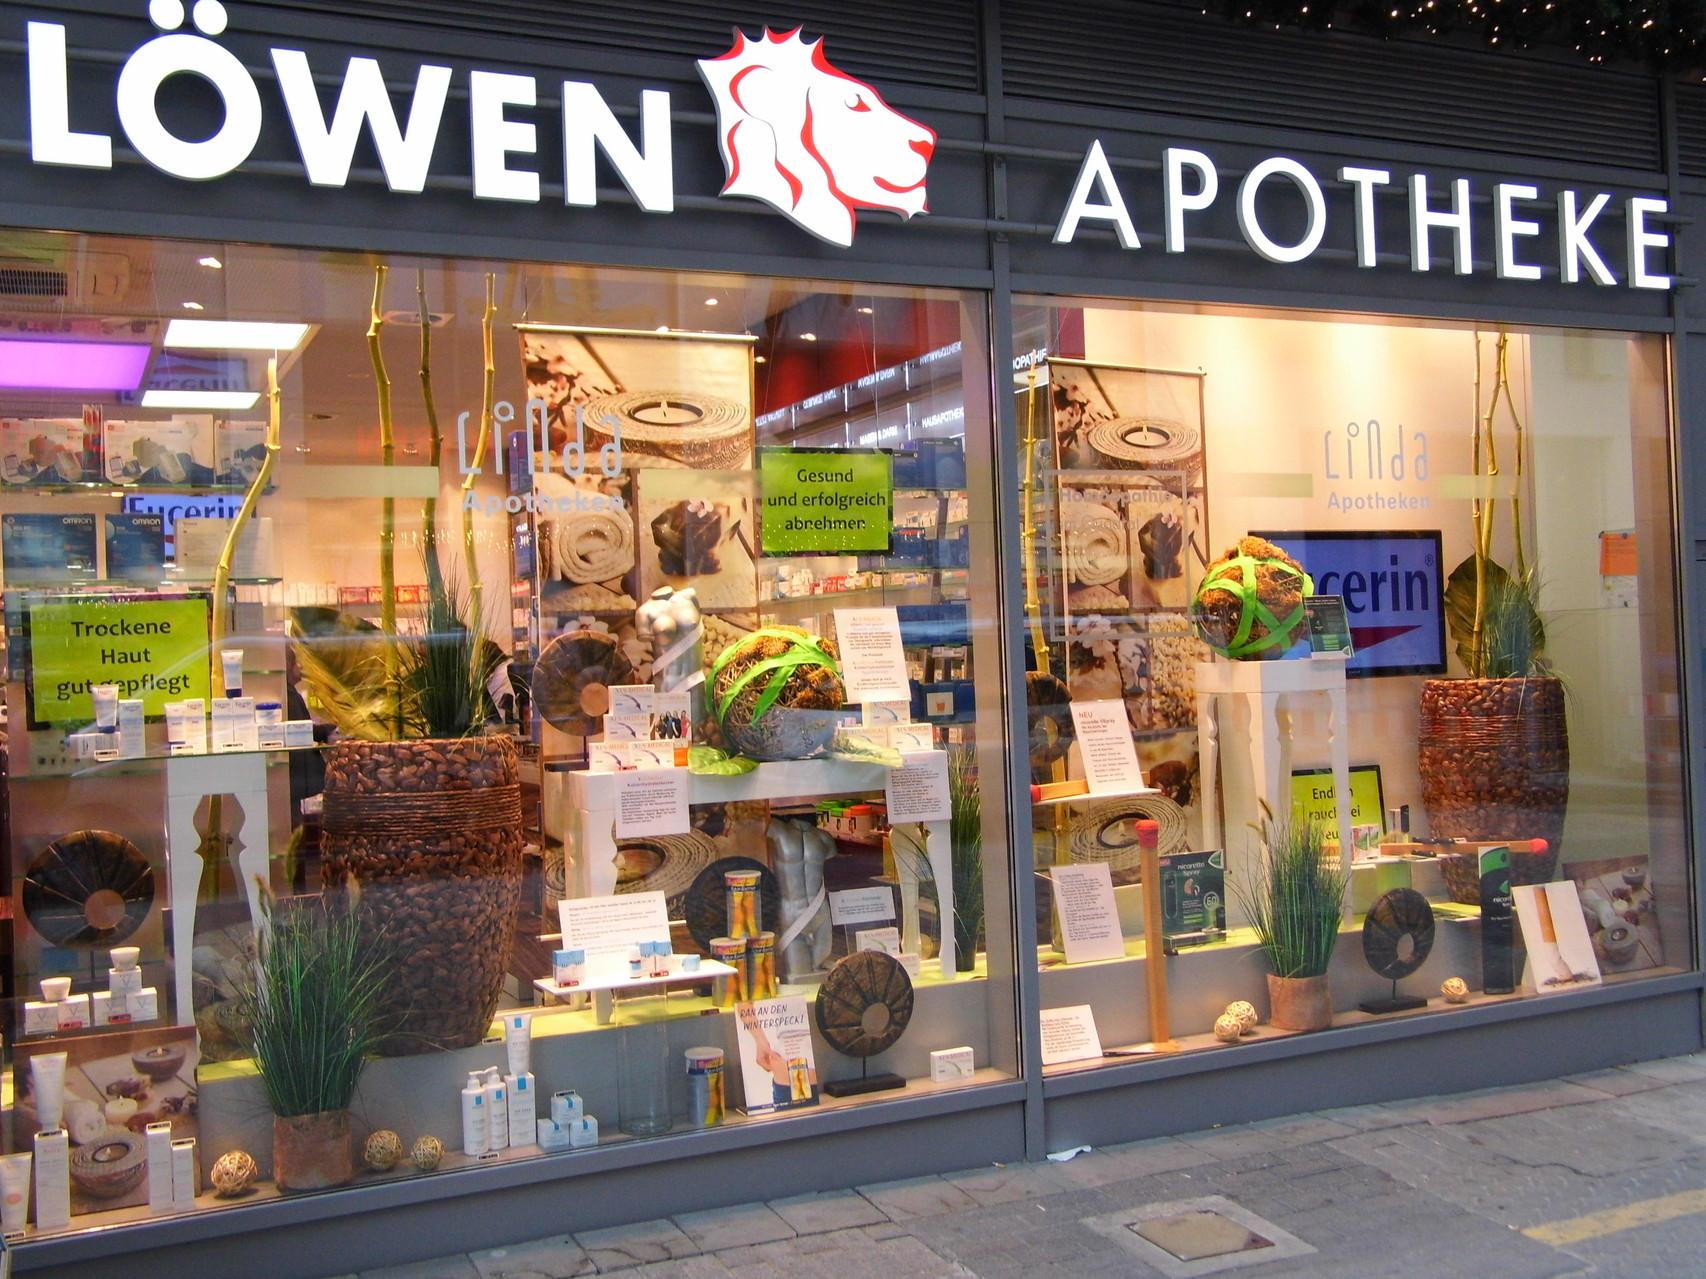 Schaufenster dekorationen apotheken dekoration Weihnachtsdeko schaufenster apotheke